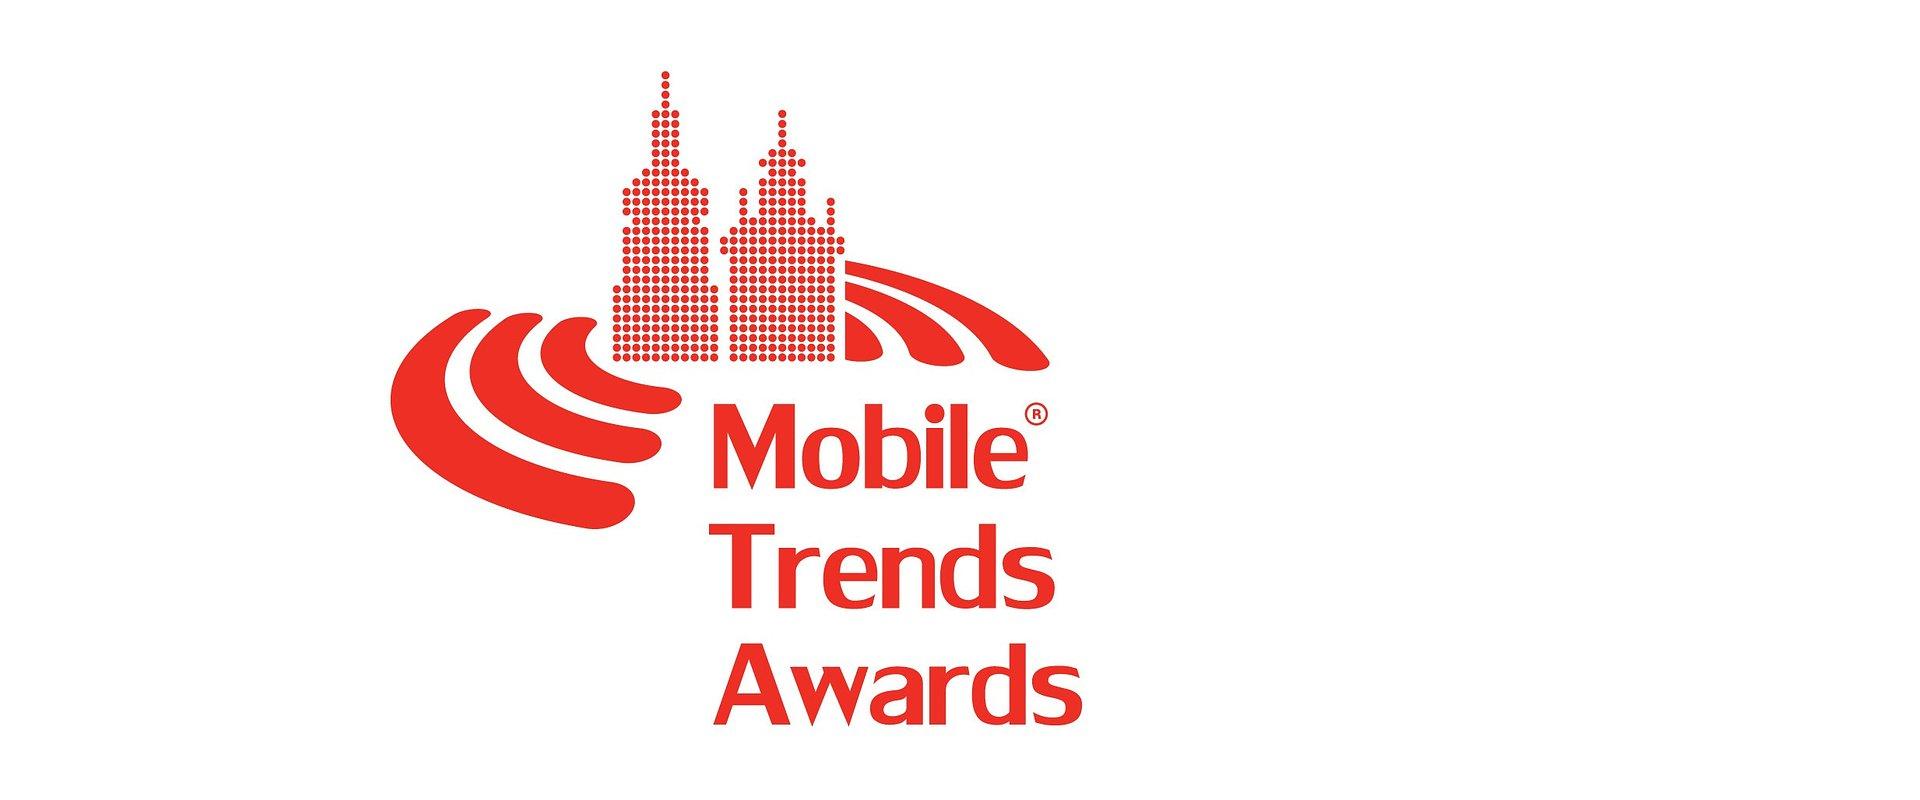 IKO zwycięzcą głosowania internautów w konkursie Mobile Trends Awards